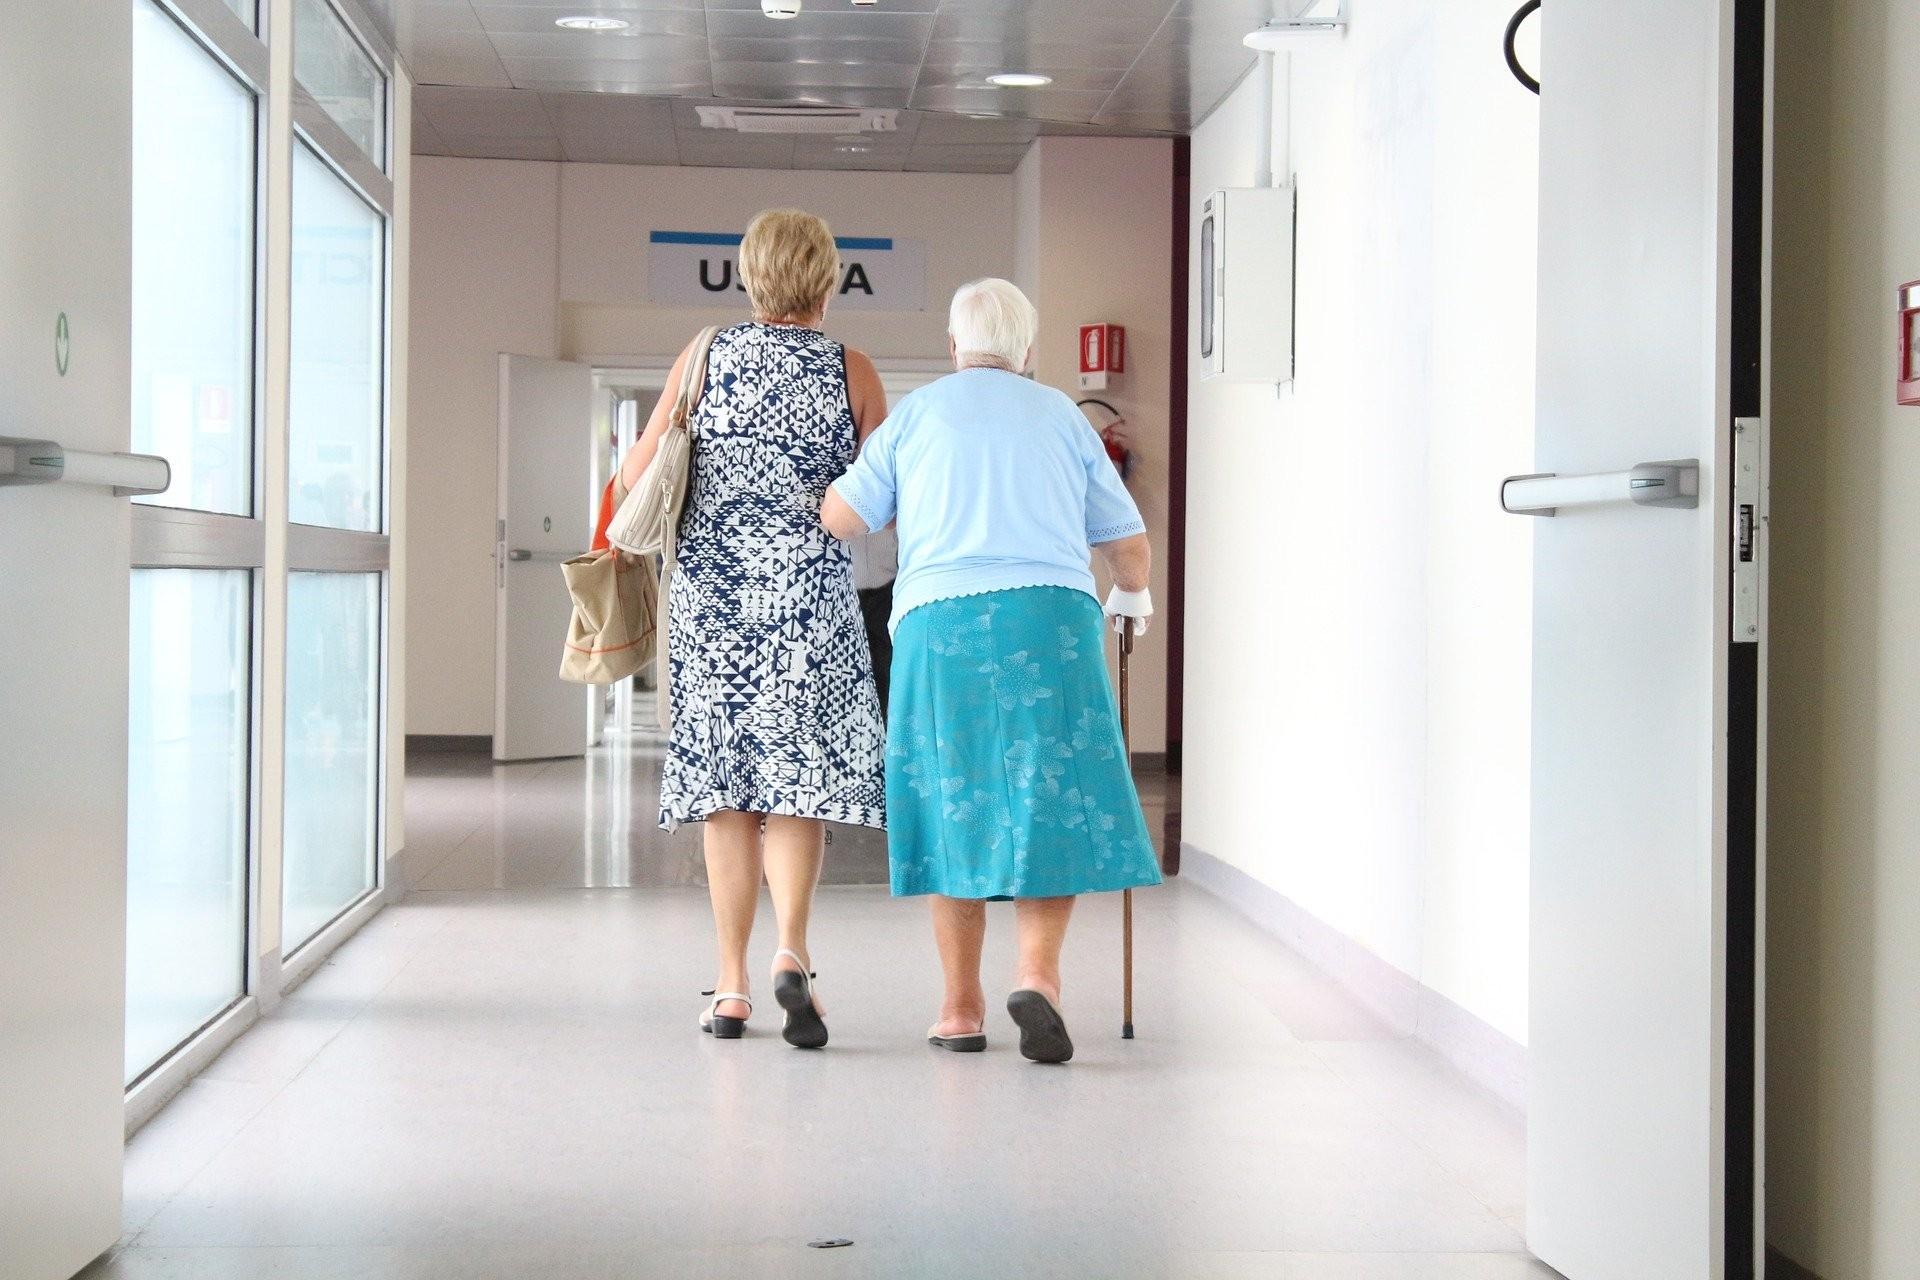 Economista propõe a inclusão de cuidadores familiares no programa de ajuda aos informais